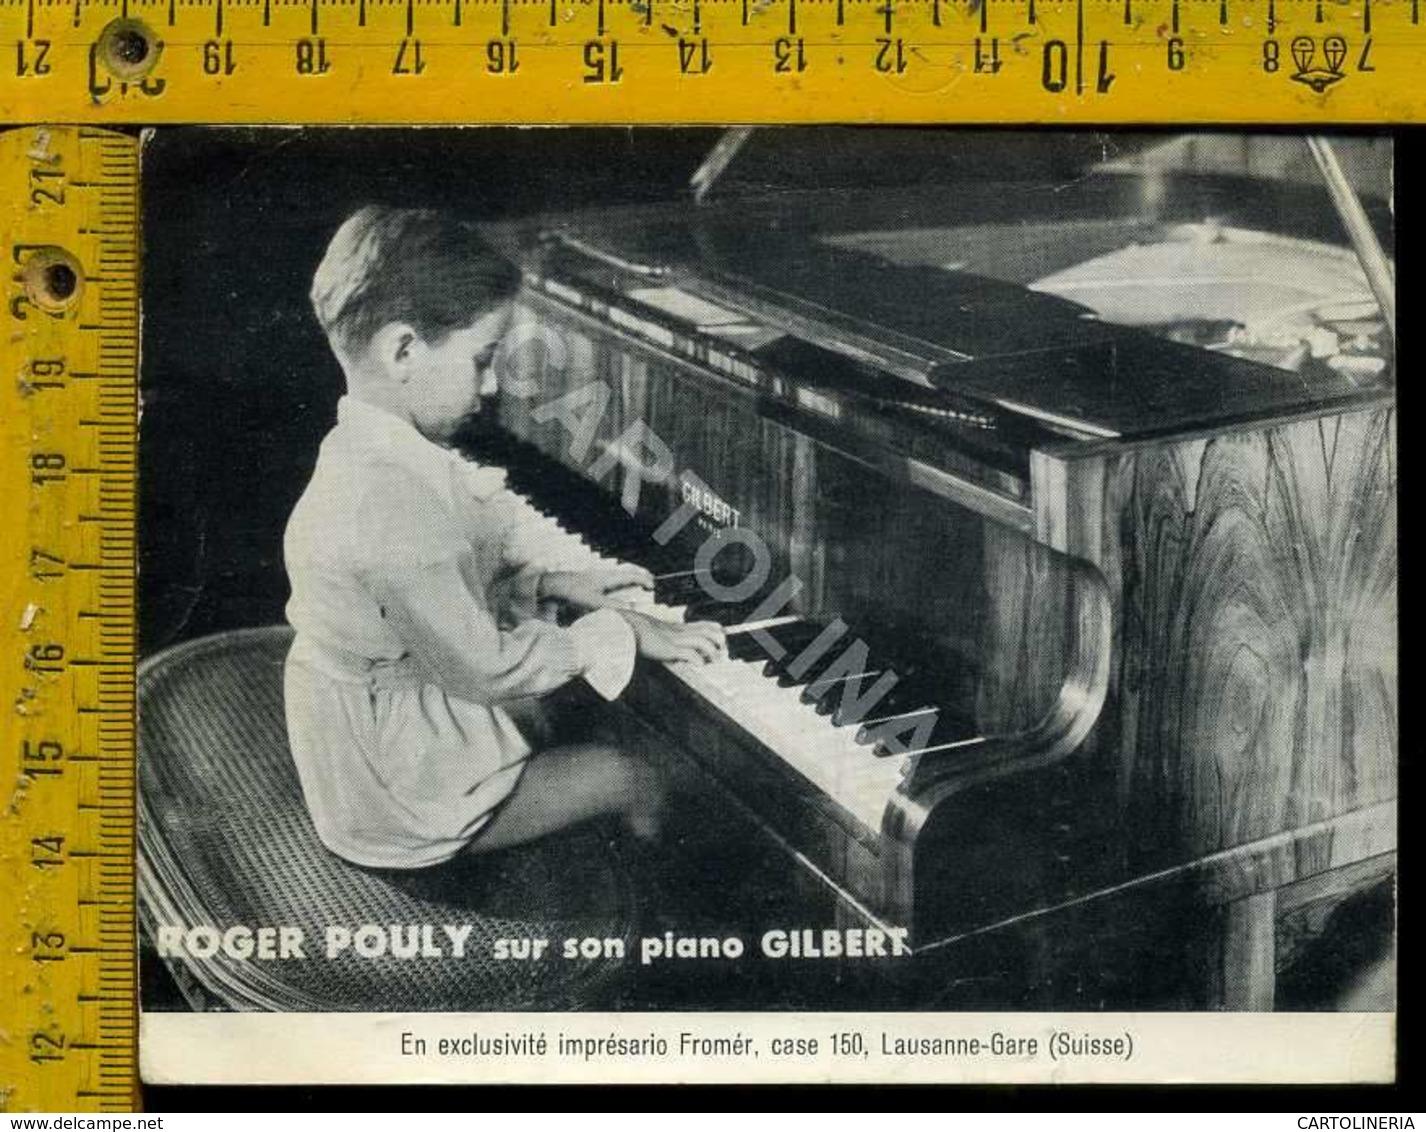 Personaggio Attore Attrice Cantante Musica Teatro Cinema Roger Pouly Svizzera - Artisti